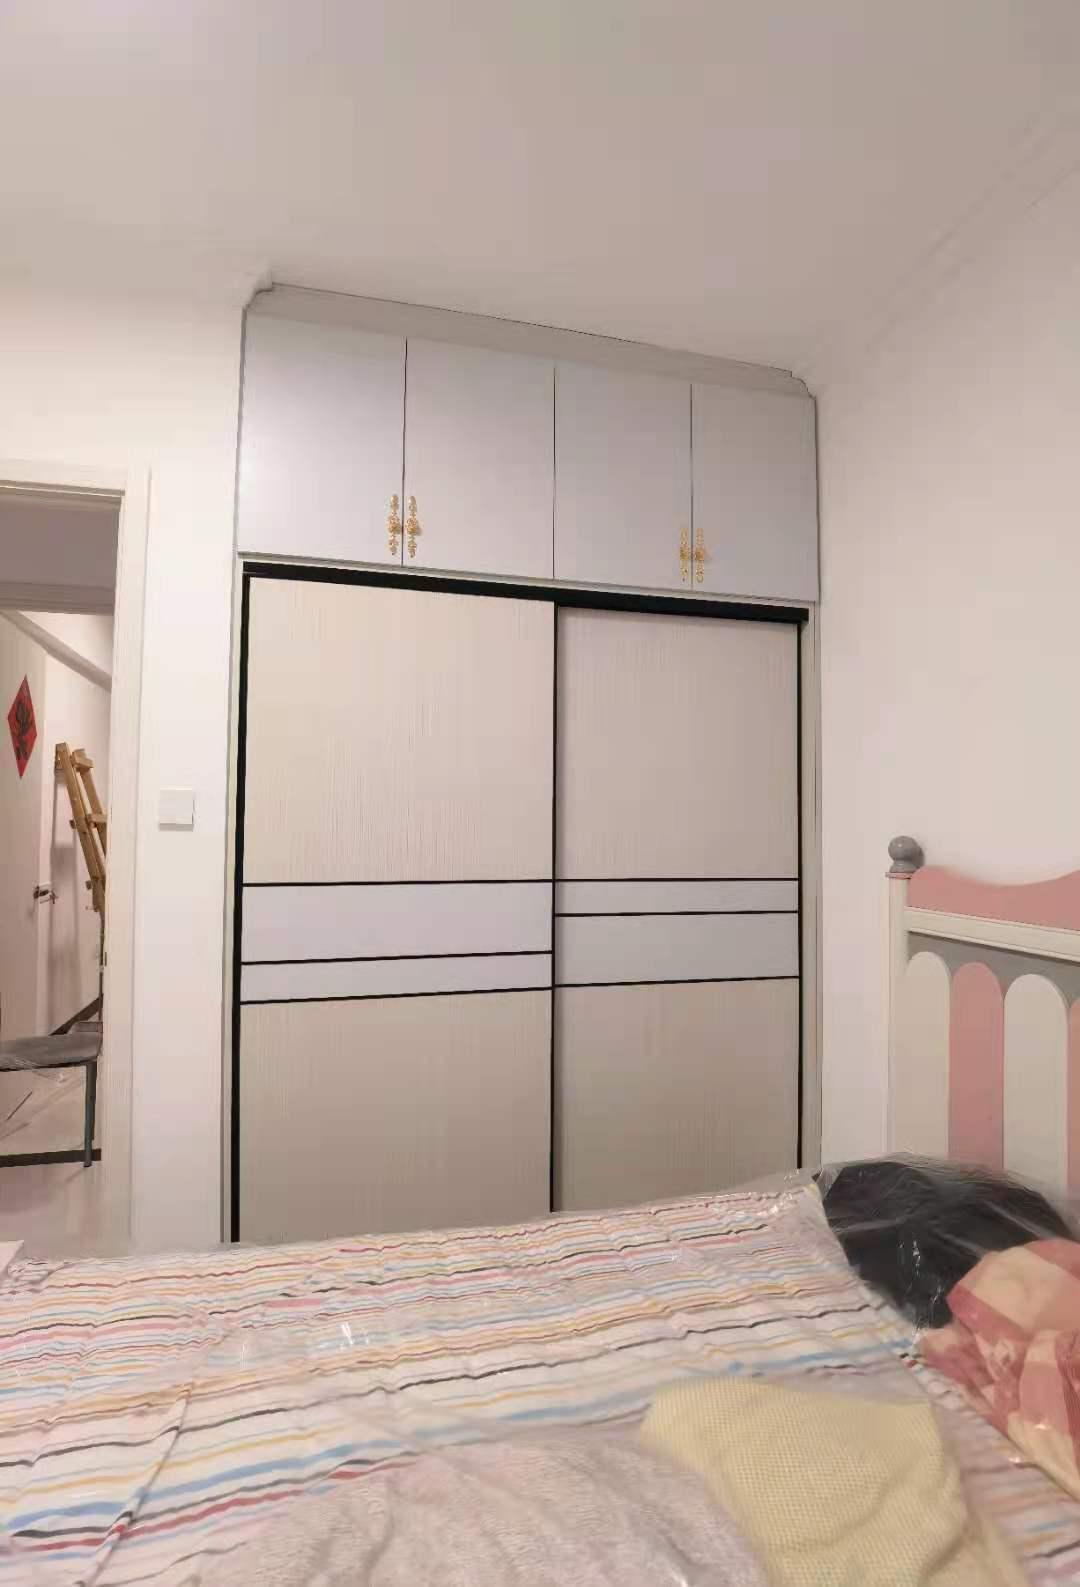 抖客 | 全铝家具 全铝阳台柜  全铝衣柜 全铝橱柜 全铝浴室柜 全铝衣帽间  阳台柜厂家